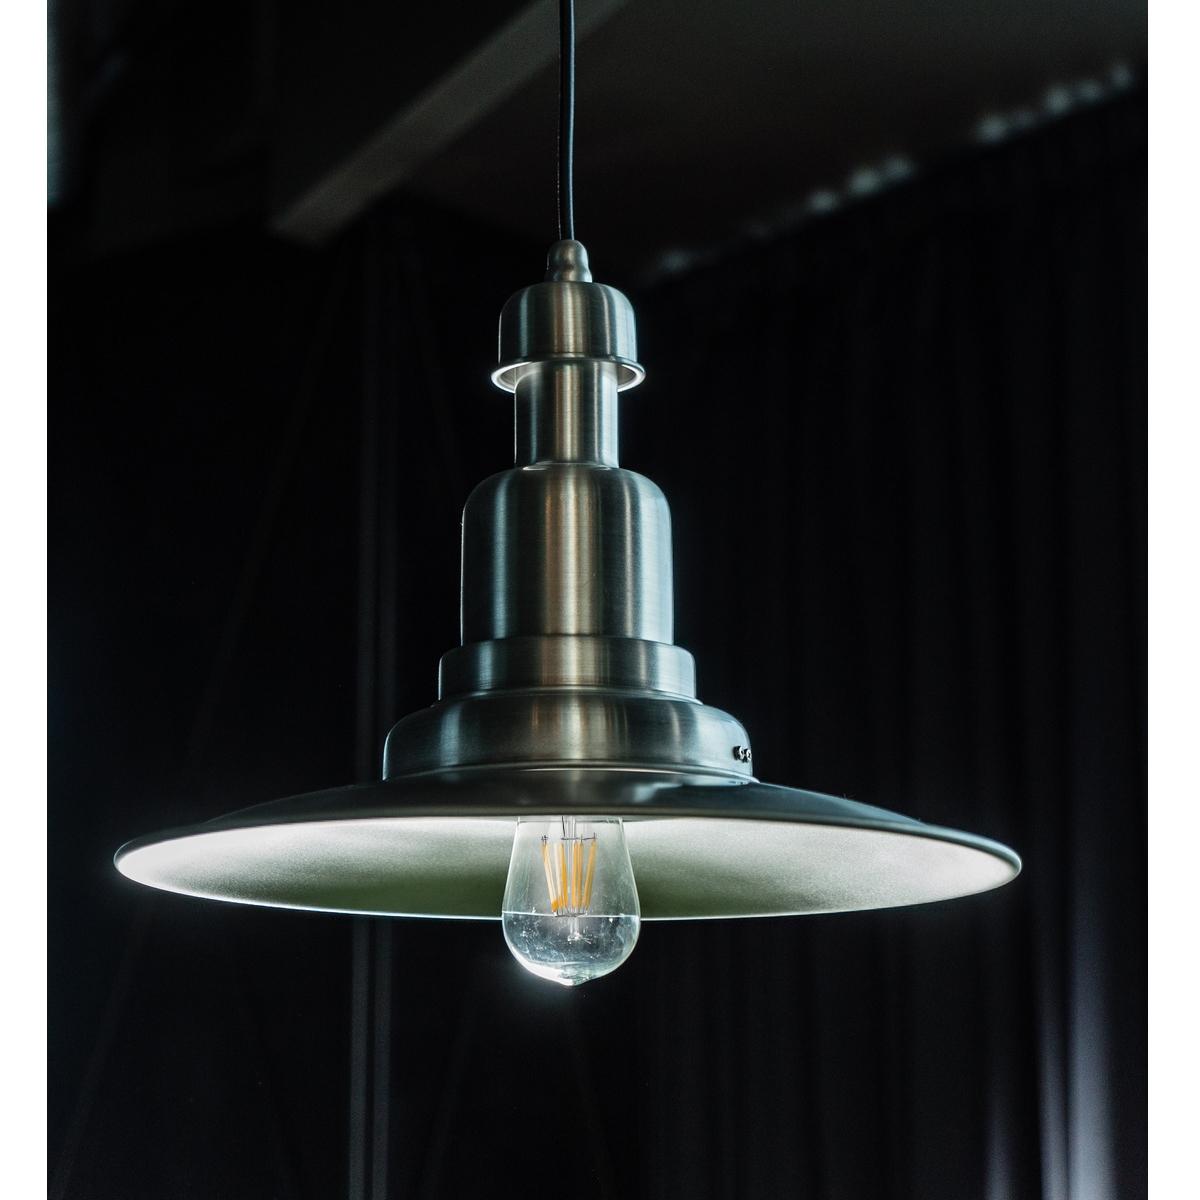 e14 e27 2w 4w 6w 8w 10w led lampe kerze vintage birne windsto filament kolben ebay. Black Bedroom Furniture Sets. Home Design Ideas